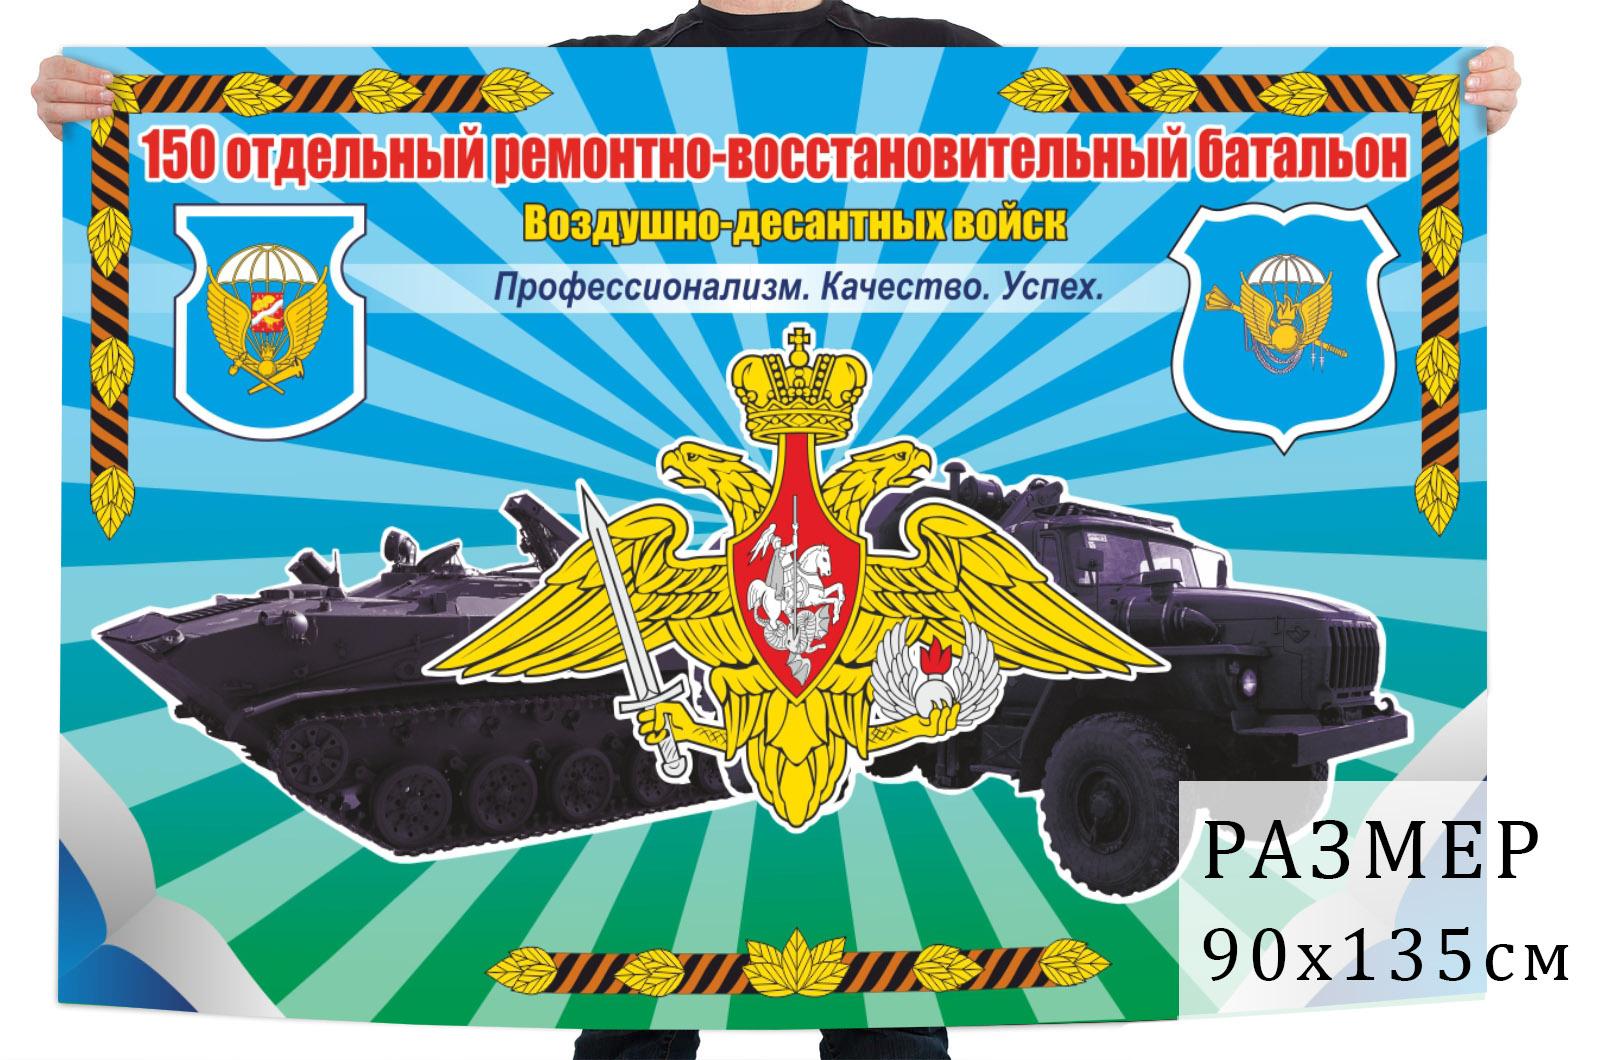 Флаг 150 отдельного ремонтно-восстановительного батальона ВДВ